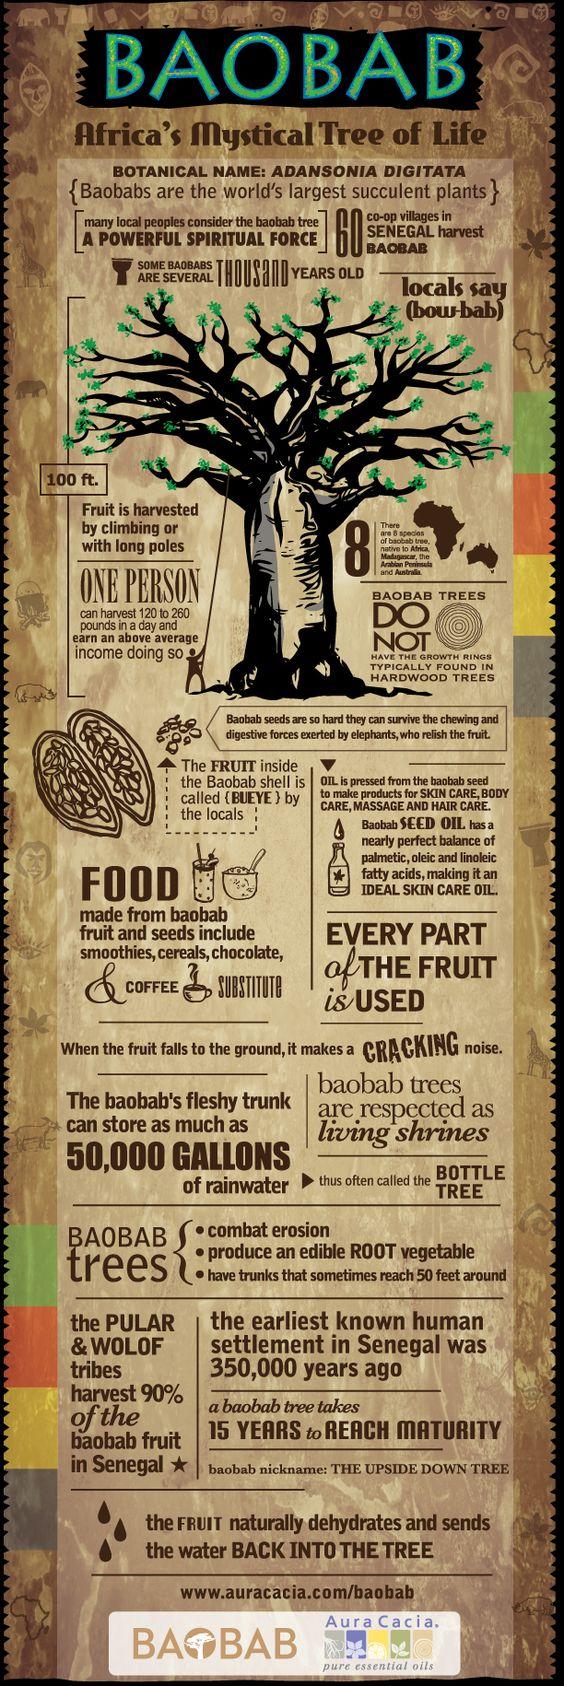 Awesome promo @AuraCacia on the Baobab oil [Adansonia digitata].  #skincare: